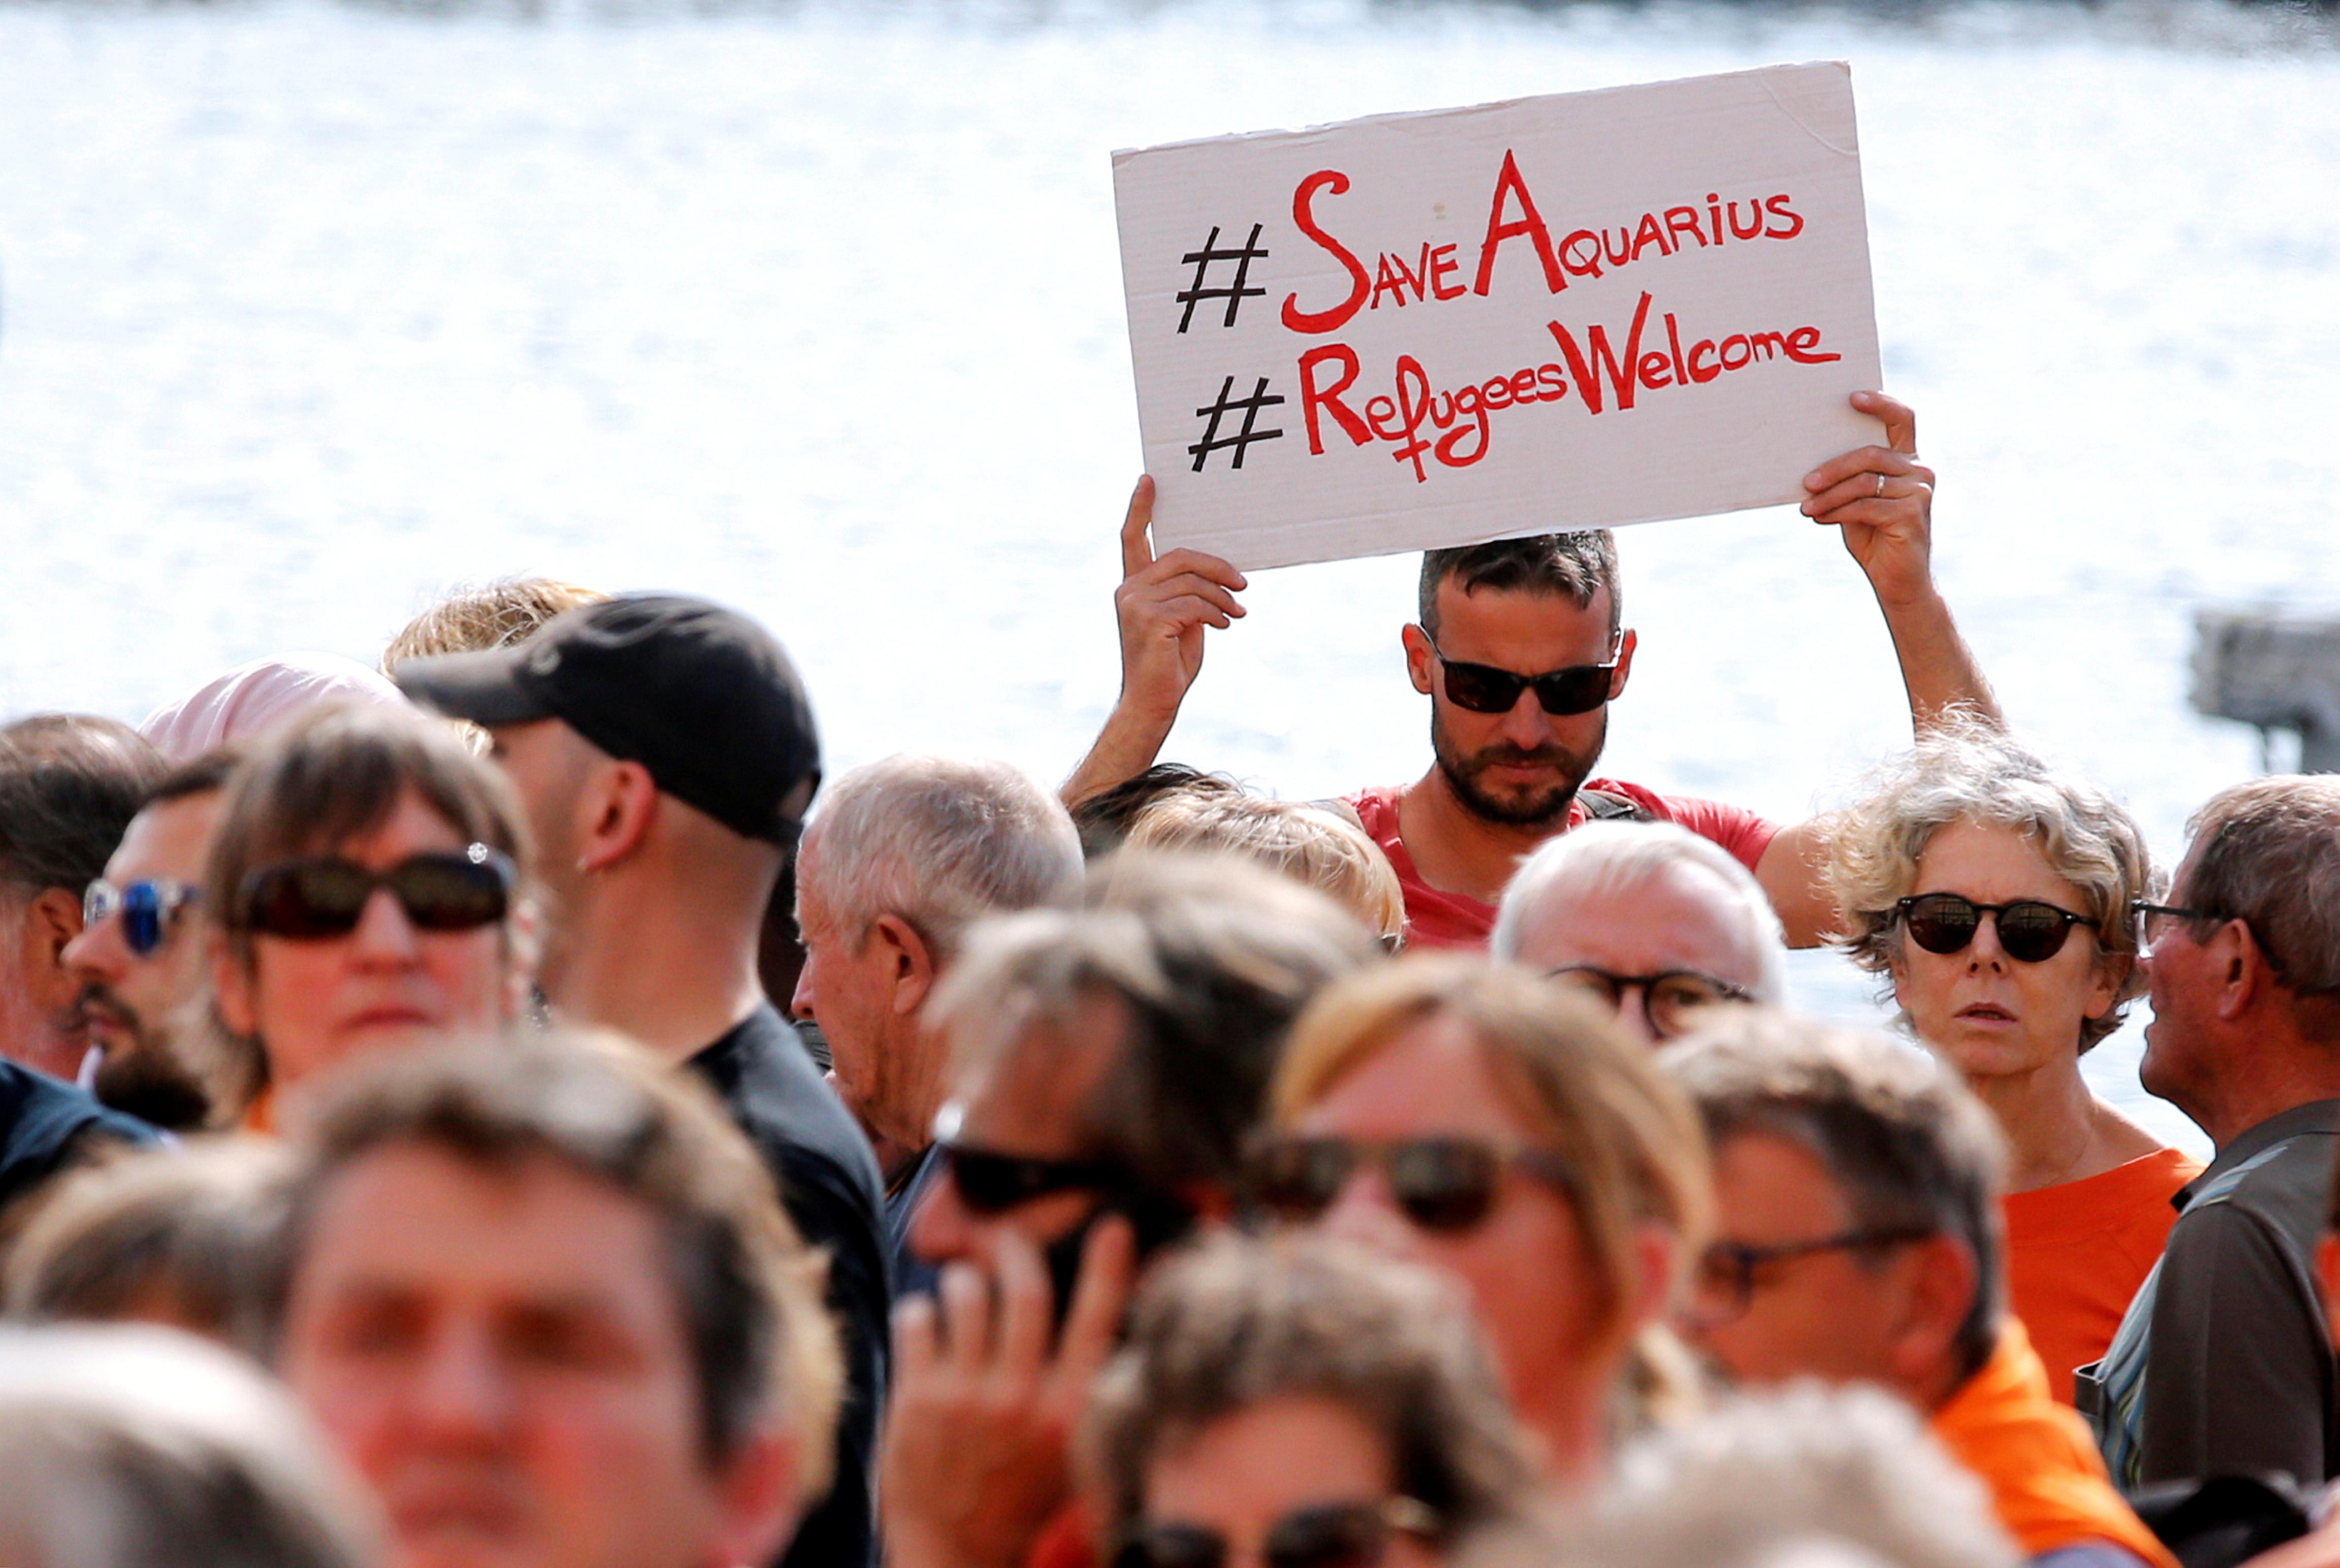 مظاهرة في مارسيليا الفرنسية في أكتوبر الماضي للمطالبة باستكمال عمل سفينة أكواريوس في إنقاذ اللاجئين